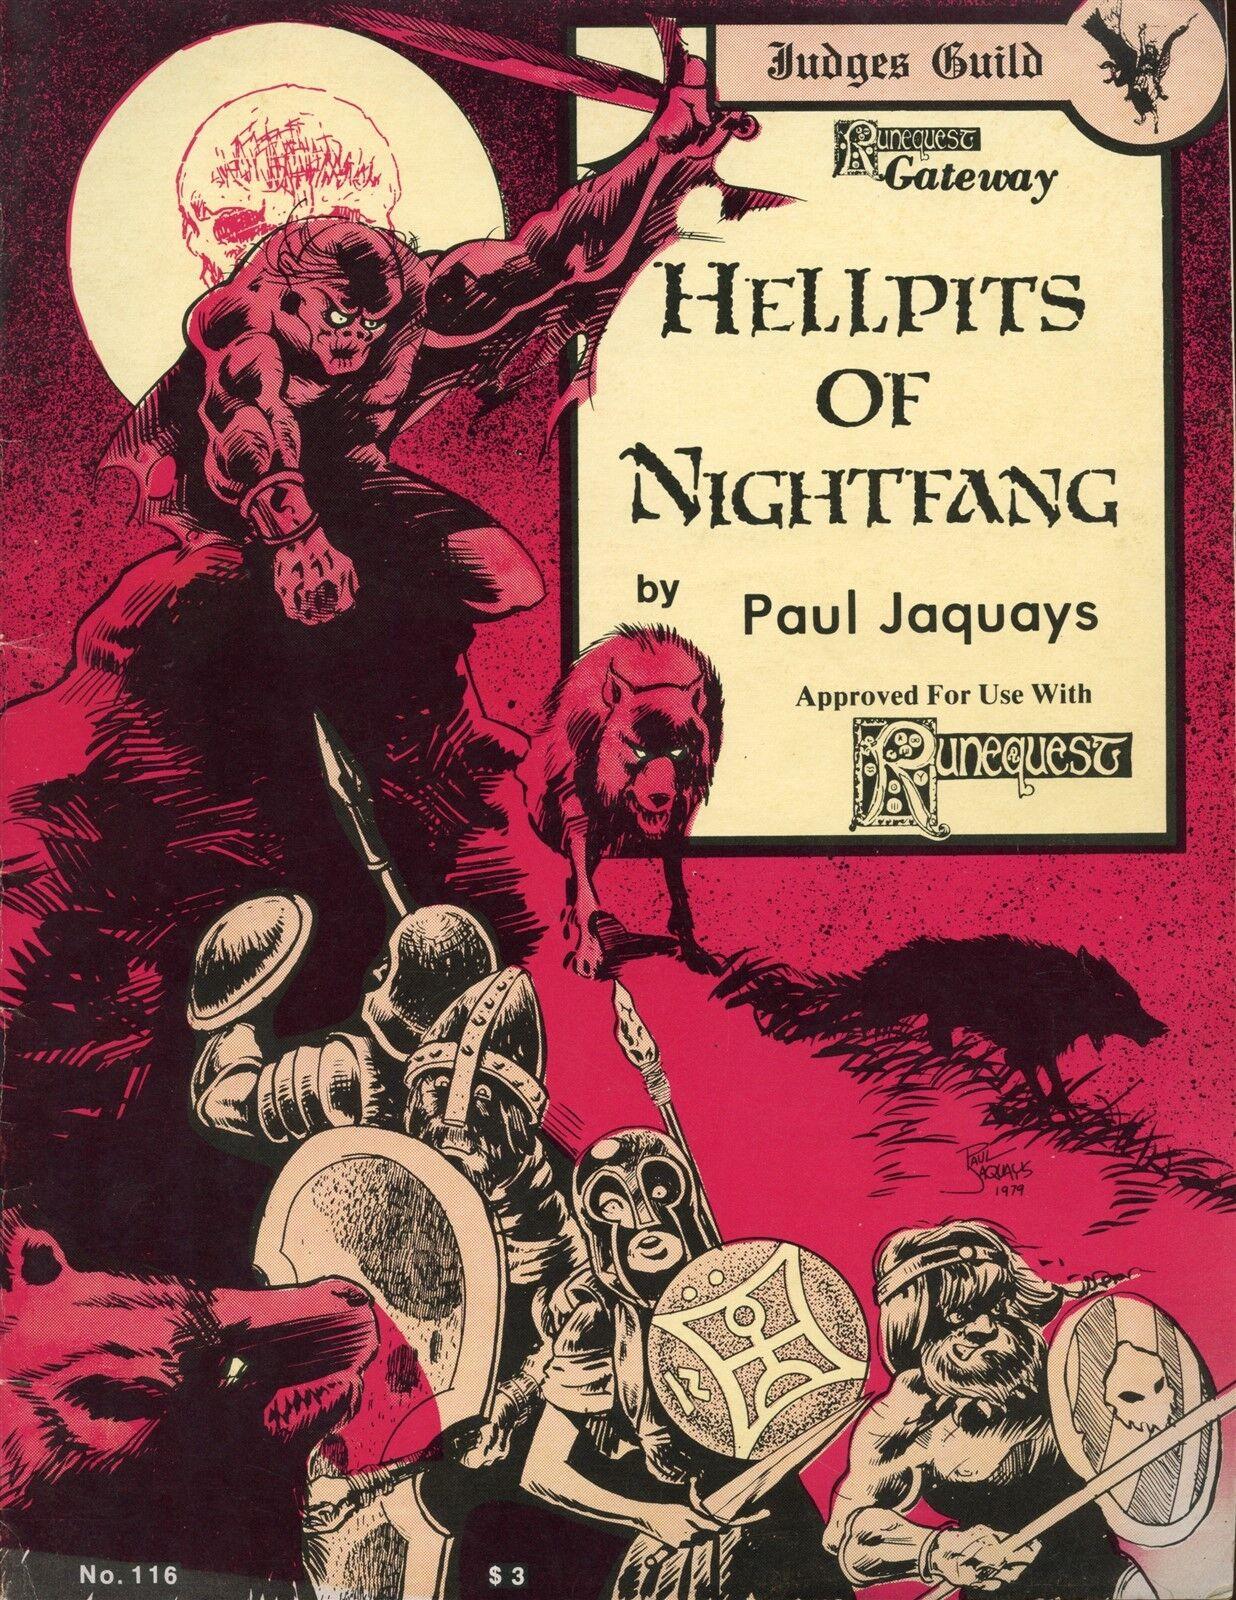 HELLPITS OF NIGHTFANG RUNEQUEST 116 JUDGES GUILD 1979 VGC